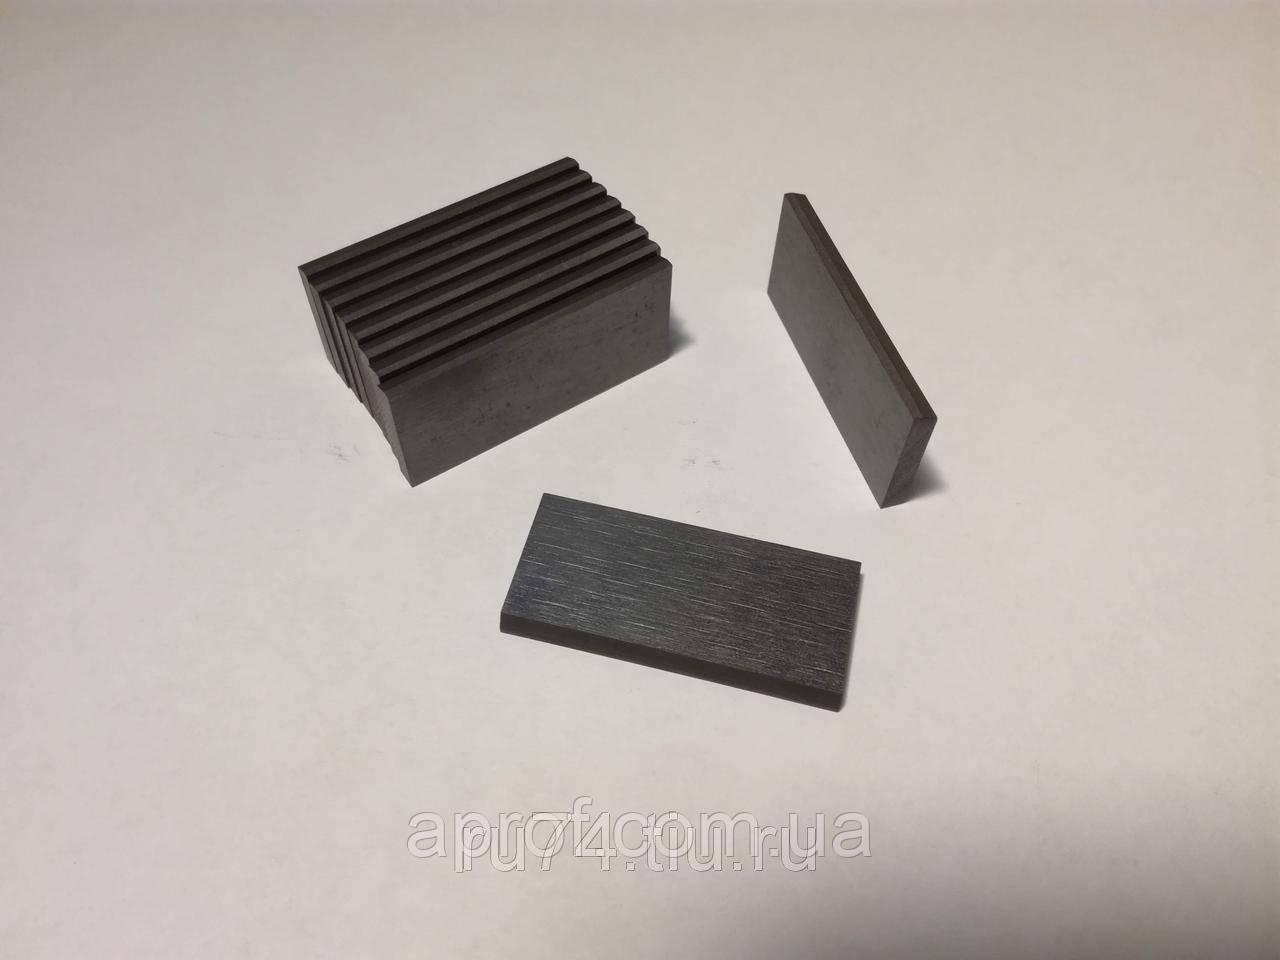 Лопатки графитовые (50х45х5,0 мм) для доильного аппарата Буренка, Березка, комплект - 2 шт